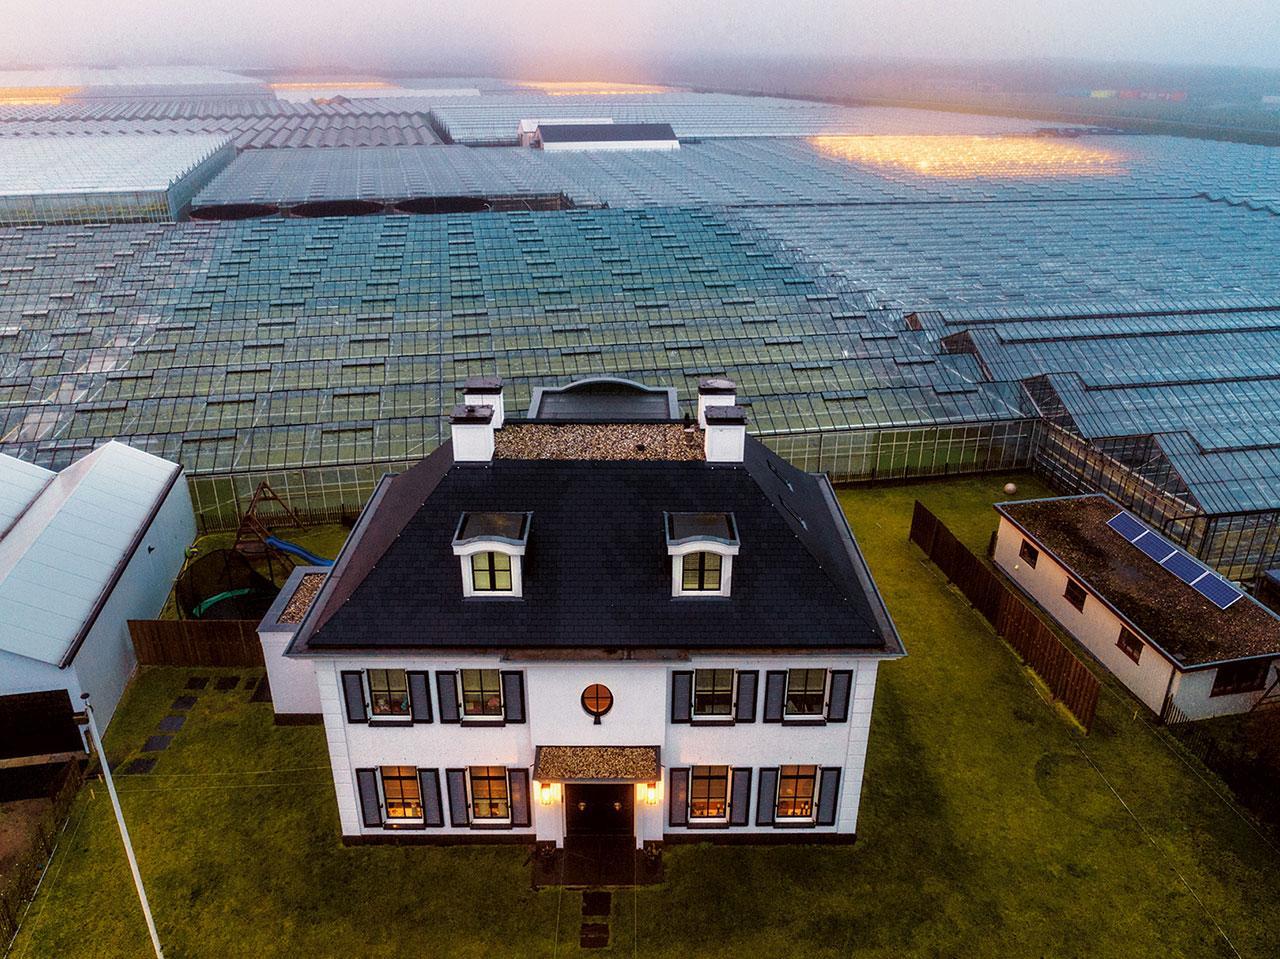 ทะเลเรือนกระจกล้อมรอบบ้านของชาวไร่รายหนึ่งในเขตเวสต์แลนด์ของเนเธอร์แลนด์ ชาวดัตช์กลายเป็นผู้นำของโลกในเรื่องนวัตกรรมทางการเกษตร และบุกเบิกหนทางใหม่ๆ เพื่อต่อกรกับความหิวโหย